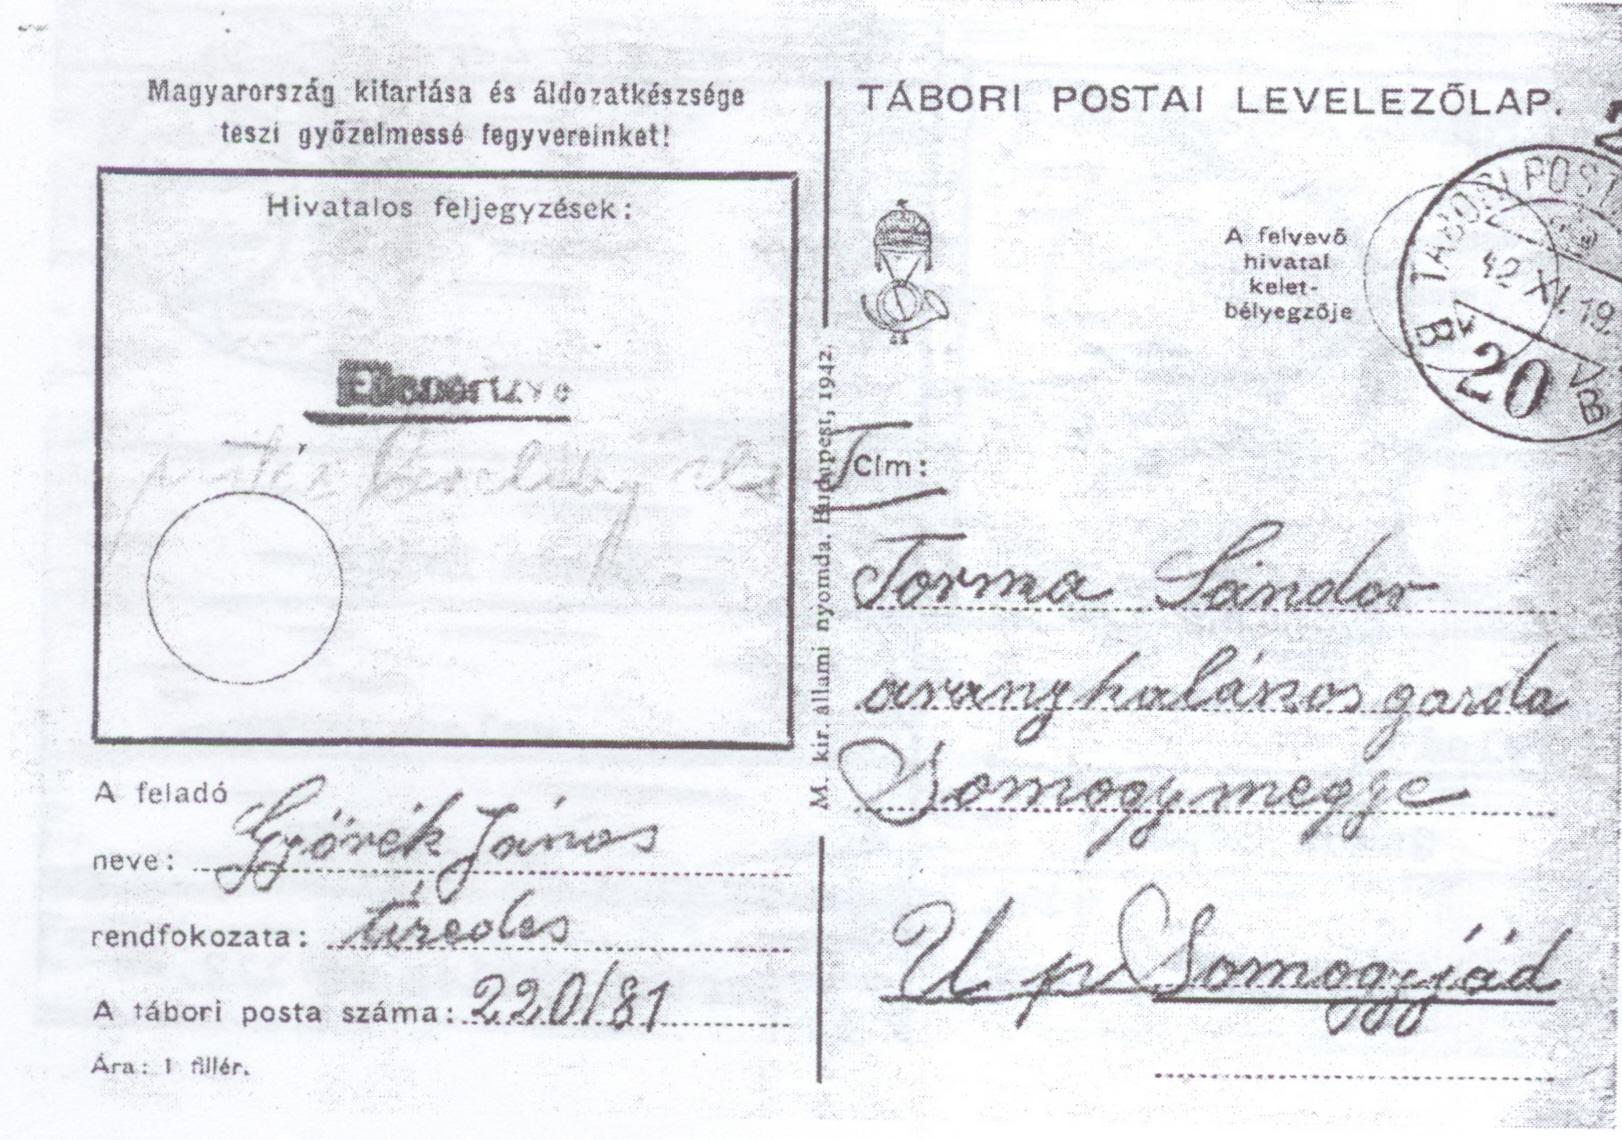 Györék János Torma Sándorhoz (vejéhez) írt tábori levelezőlapja (2).jpg